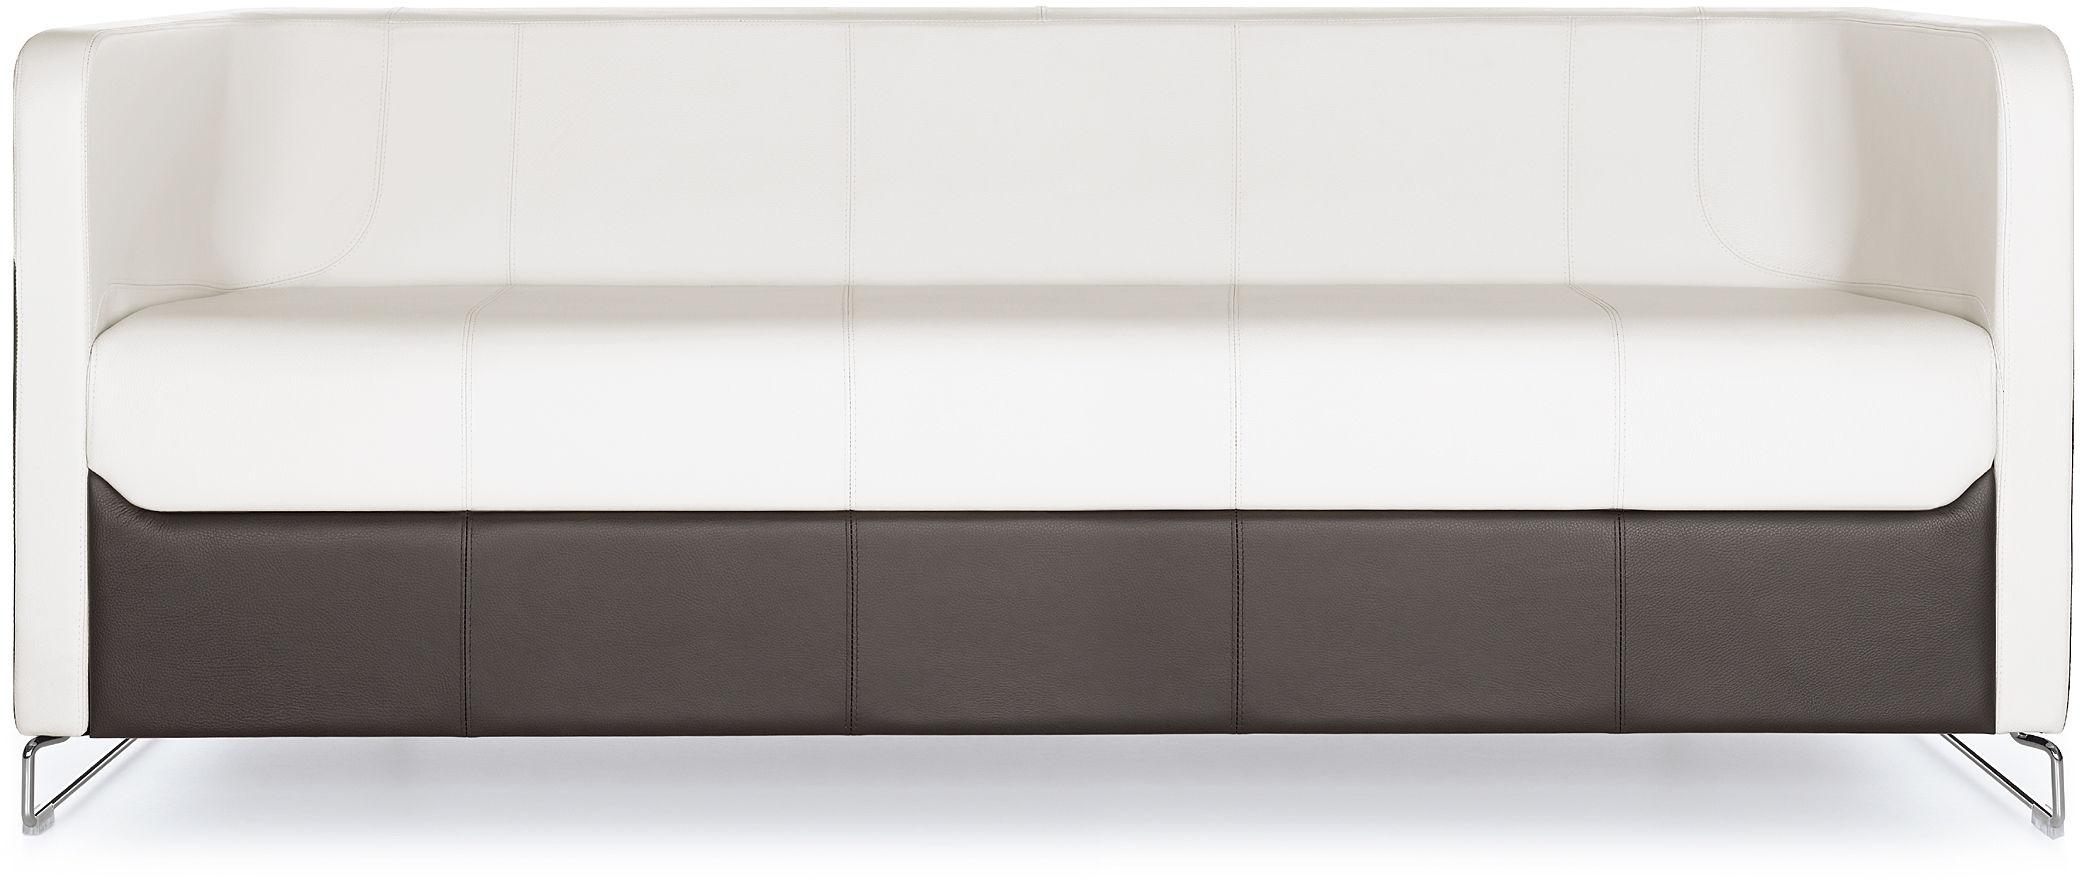 NOWY STYL Sofa Granite 3-osobowa